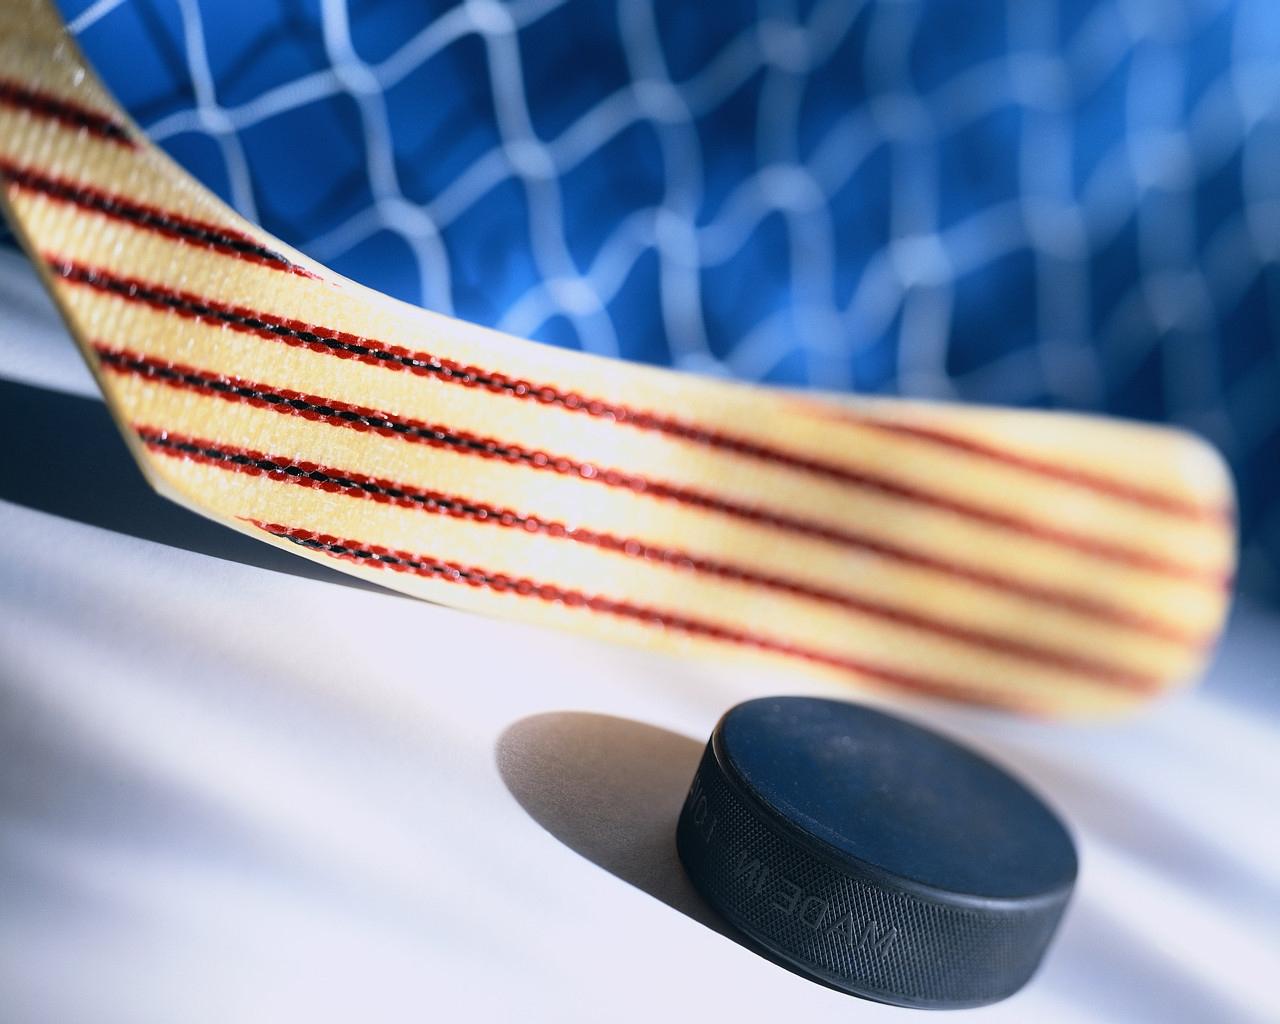 В полуфинале областного чемпионата «Спутник» сыграет с «Кедром»